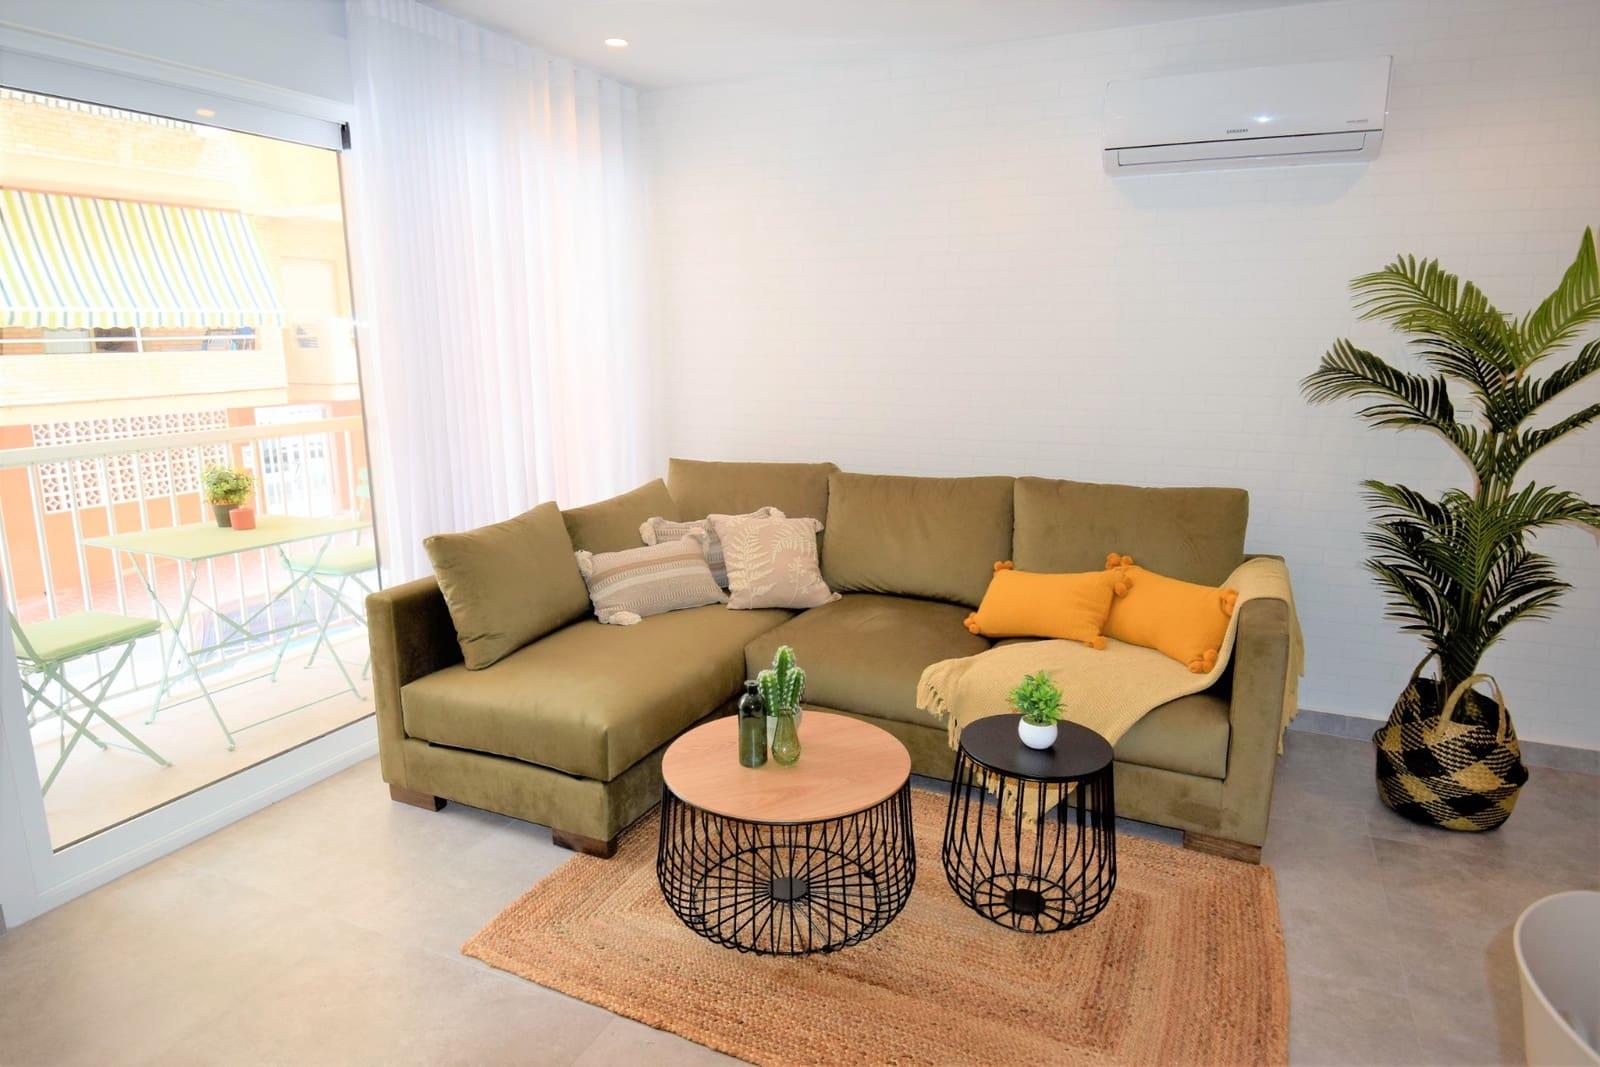 3 bedroom Apartment for sale in Guardamar del Segura - € 210,000 (Ref: 6252299)